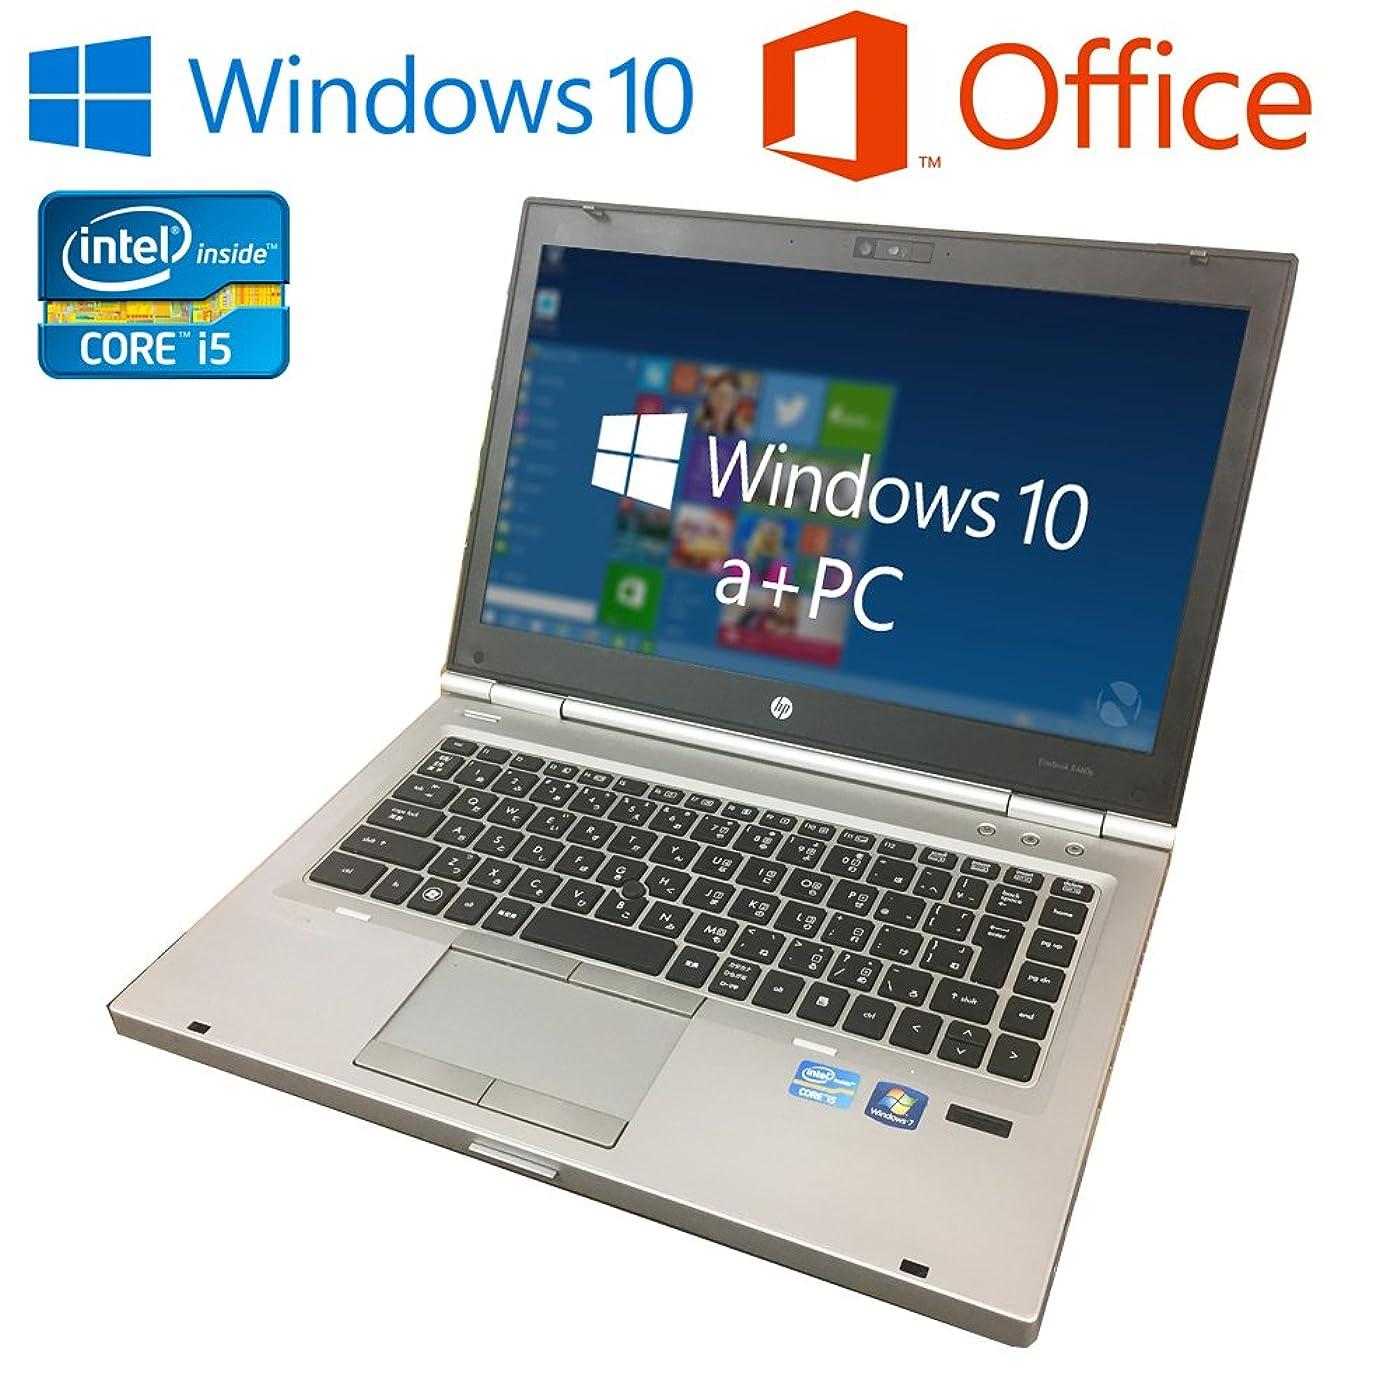 ただやる常習的沿ってHP PROBOOK 8470B 【Microsoft Office2016搭載/最新OS Win10搭載/三世代Core i5(3210M)2.8GHz/メモリ4GB/HDD500GB/DVD-ROM/14インチ/無線LAN付】中古ノートパソコン